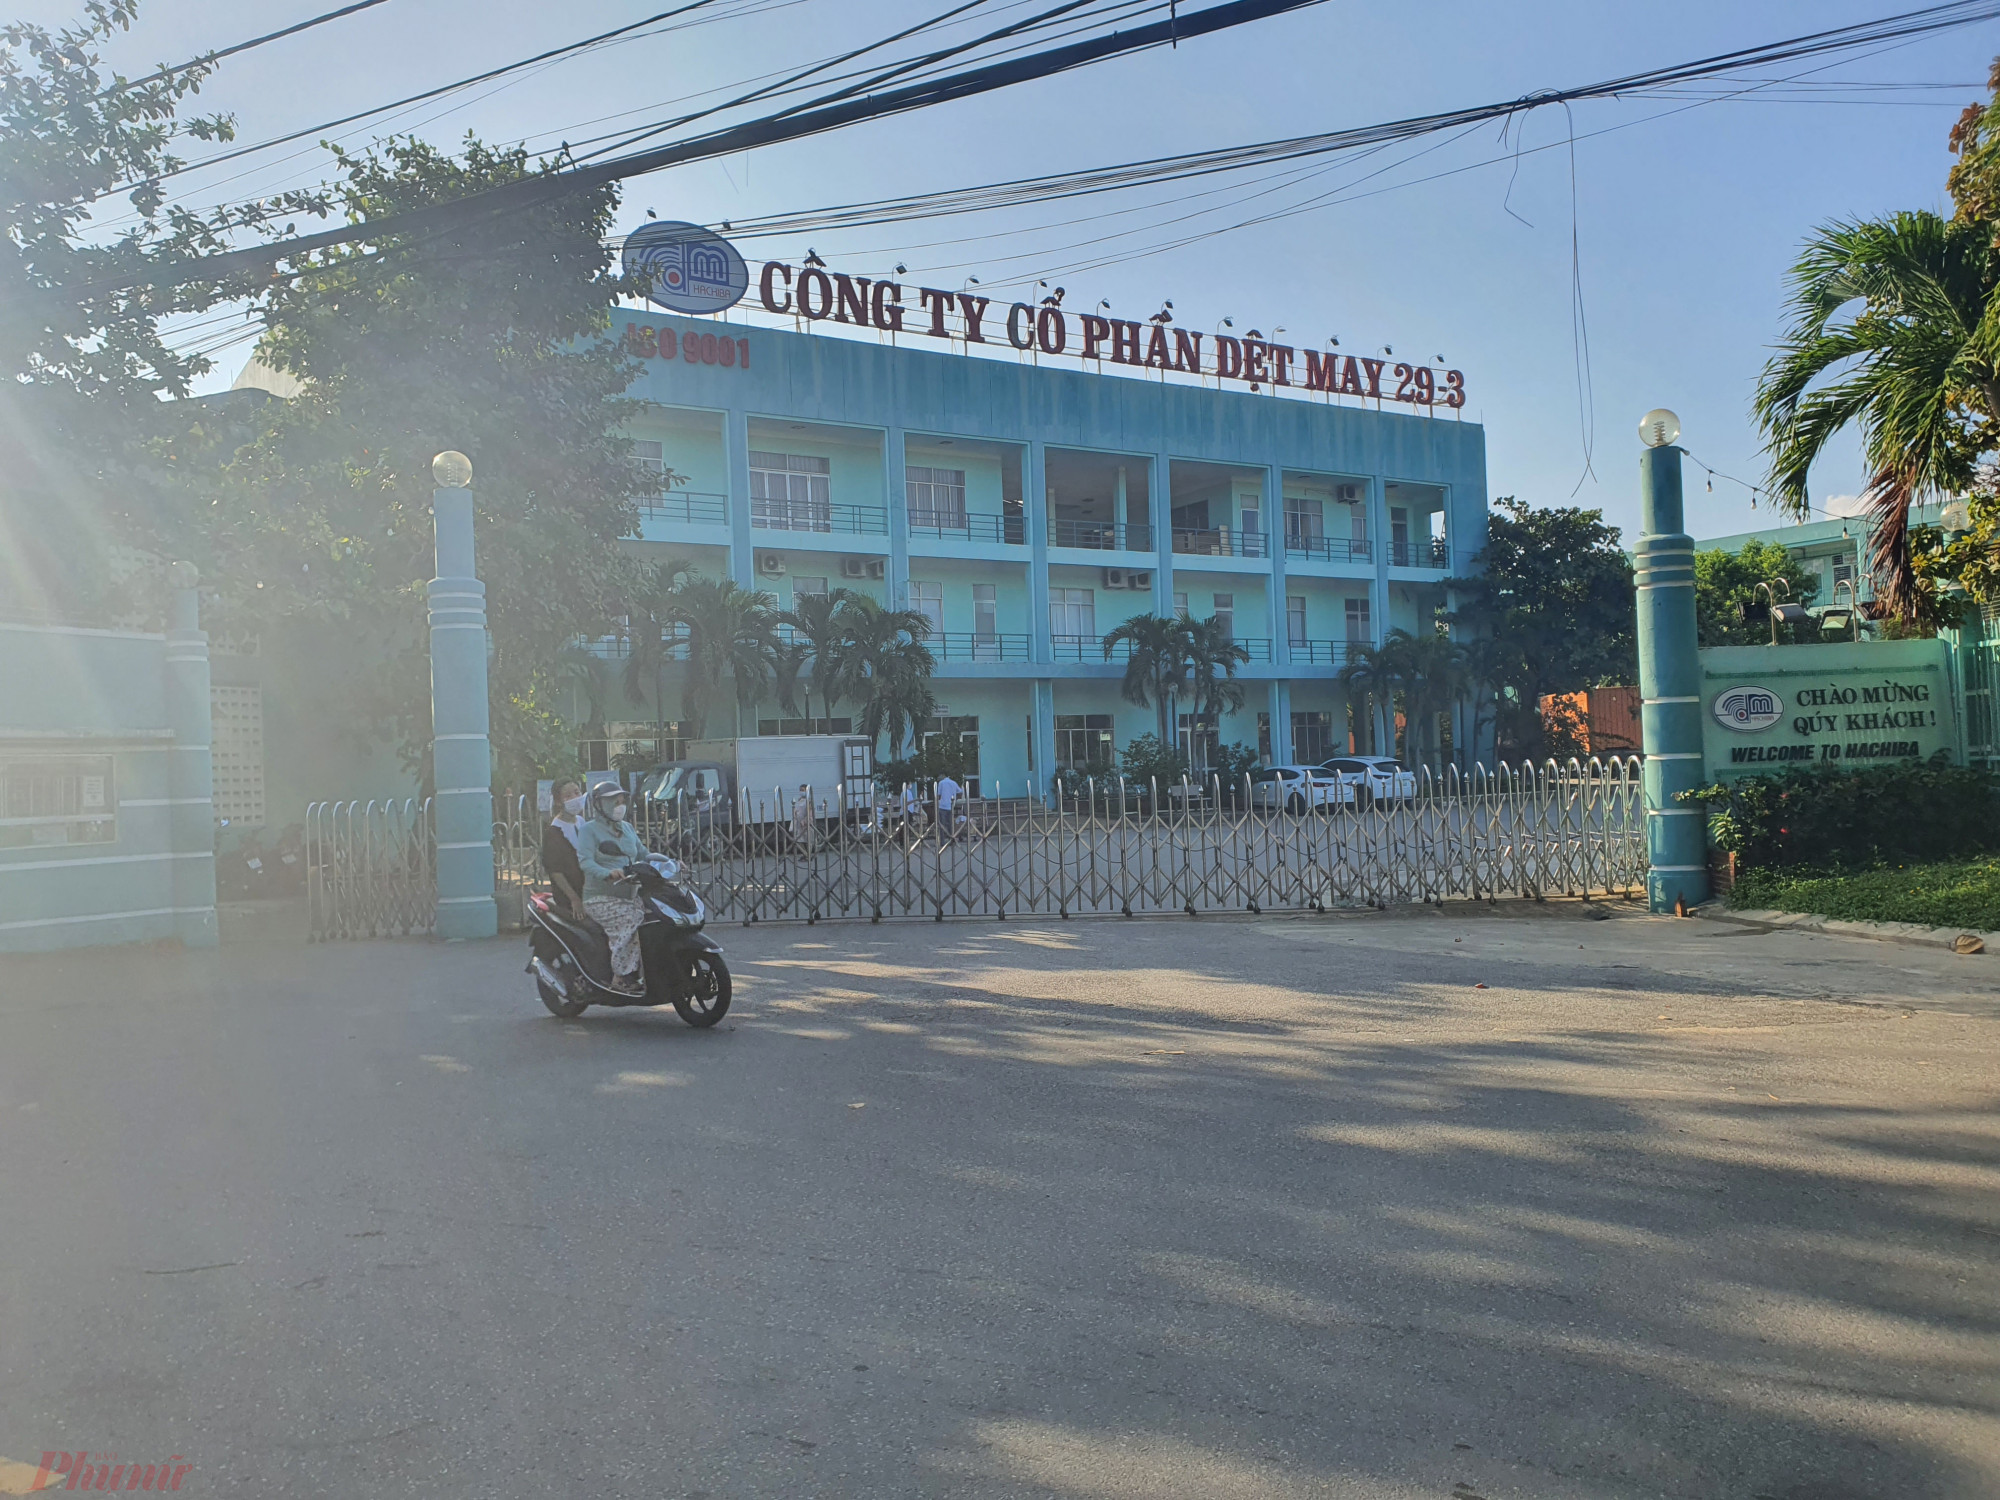 Nhà máy dệt may 29/3 hiện đóng giữa khu dân cư thuộc P.Thanh Khê Tây, Q.Thanh Khê, Đà Nẵng